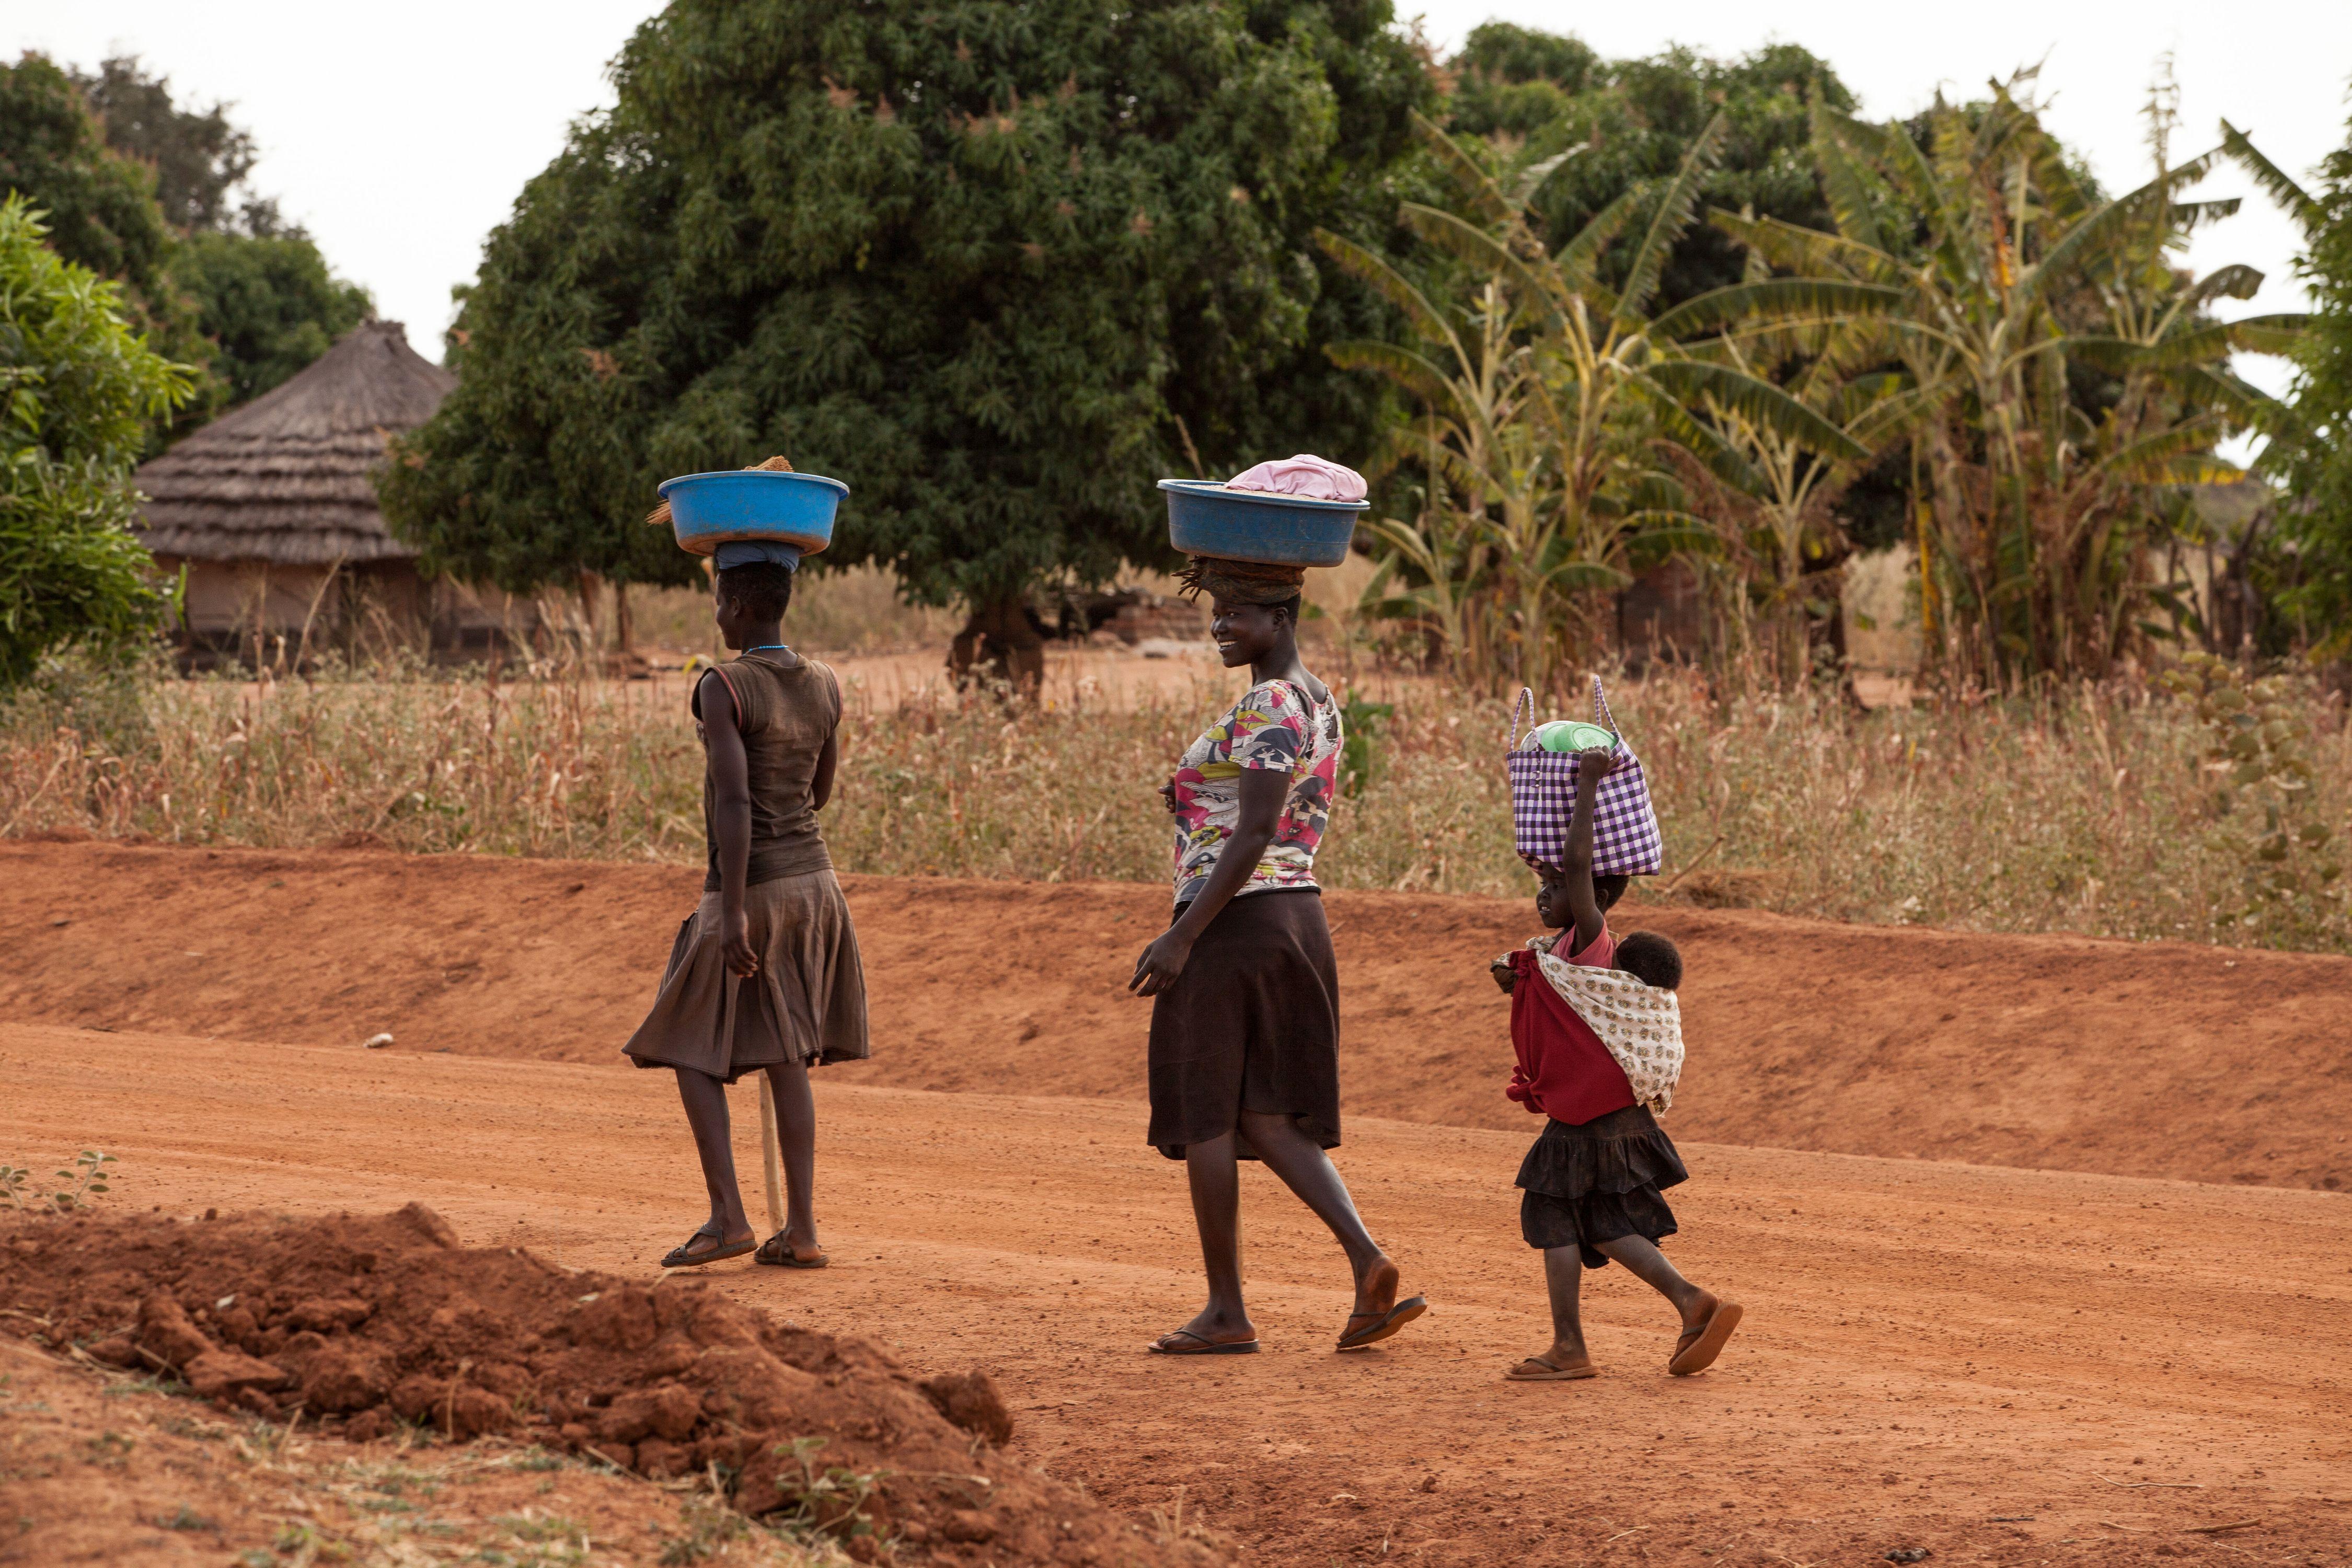 On the road to Gulu, Uganda